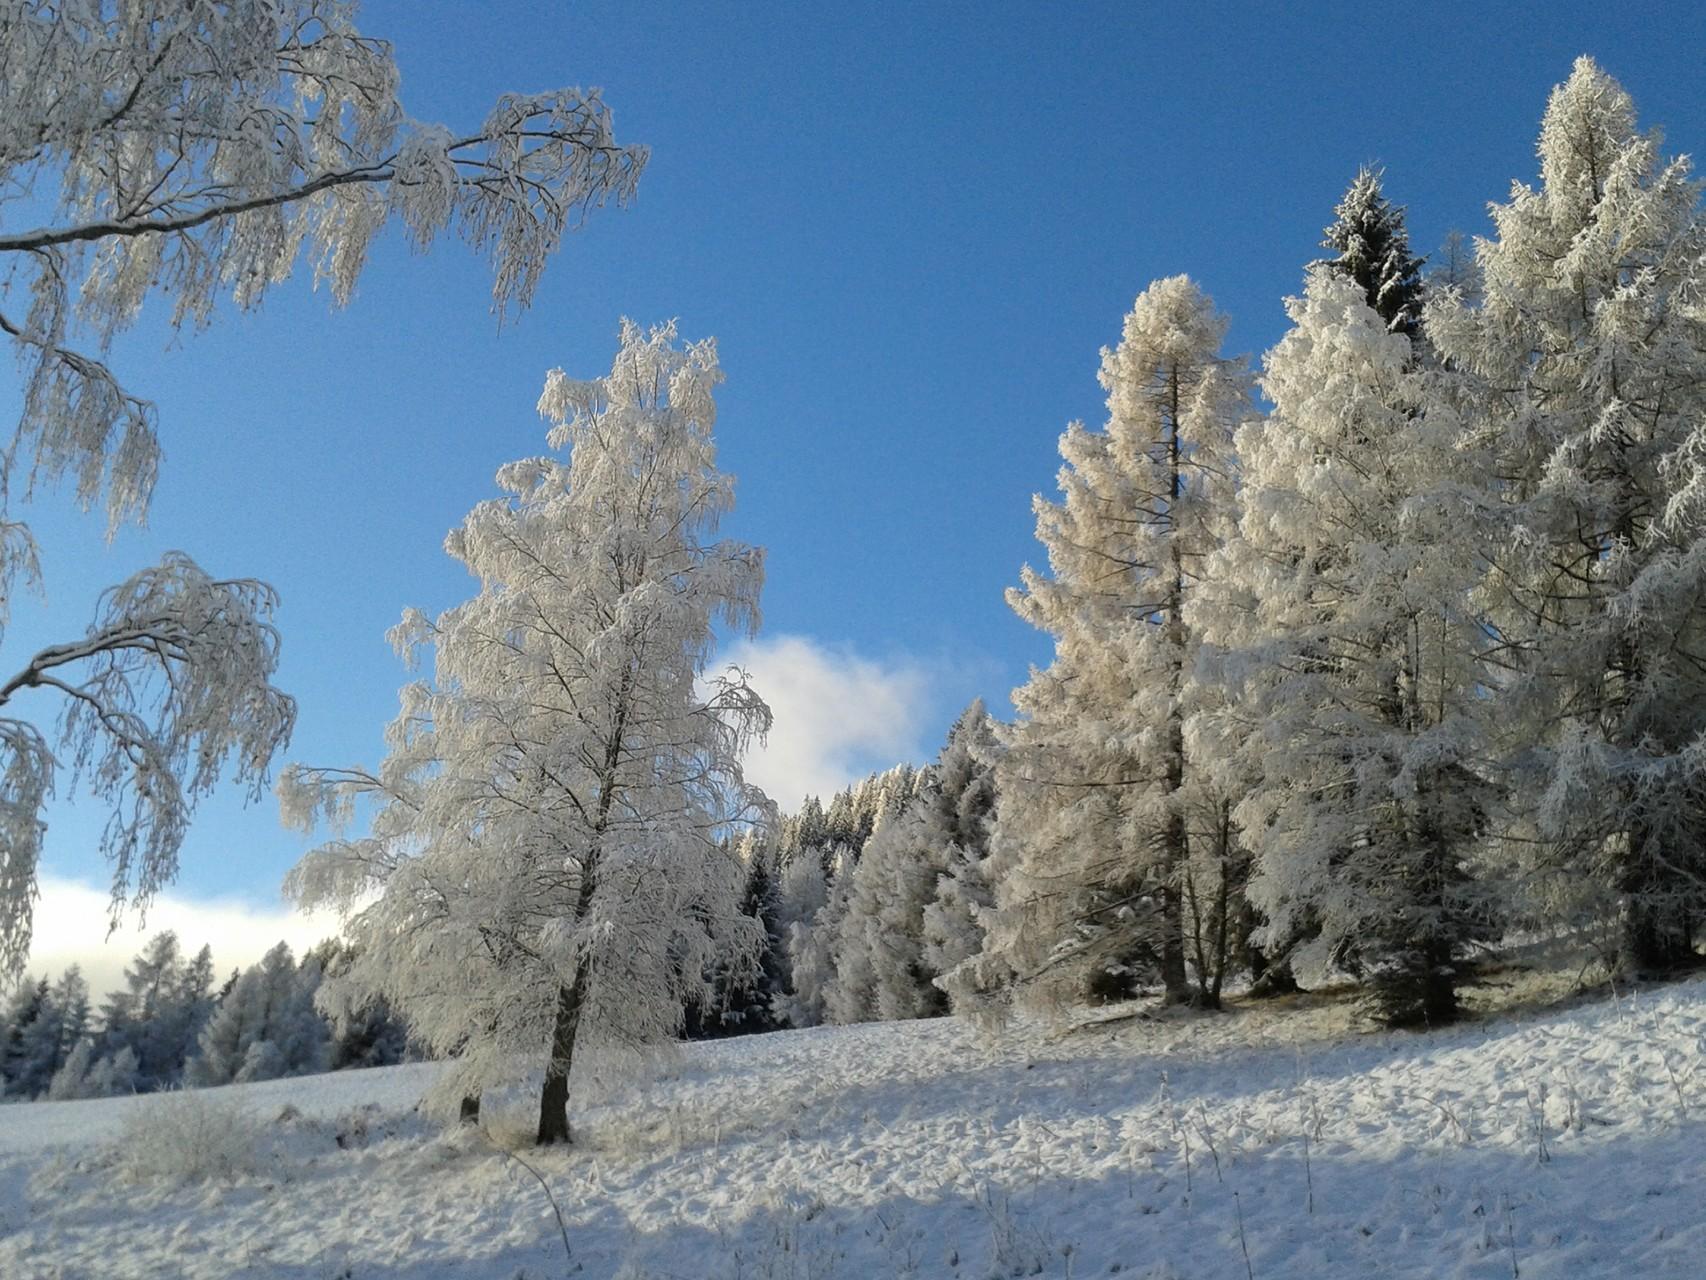 Traumhafter Ausblick auf verschneite Wiesen